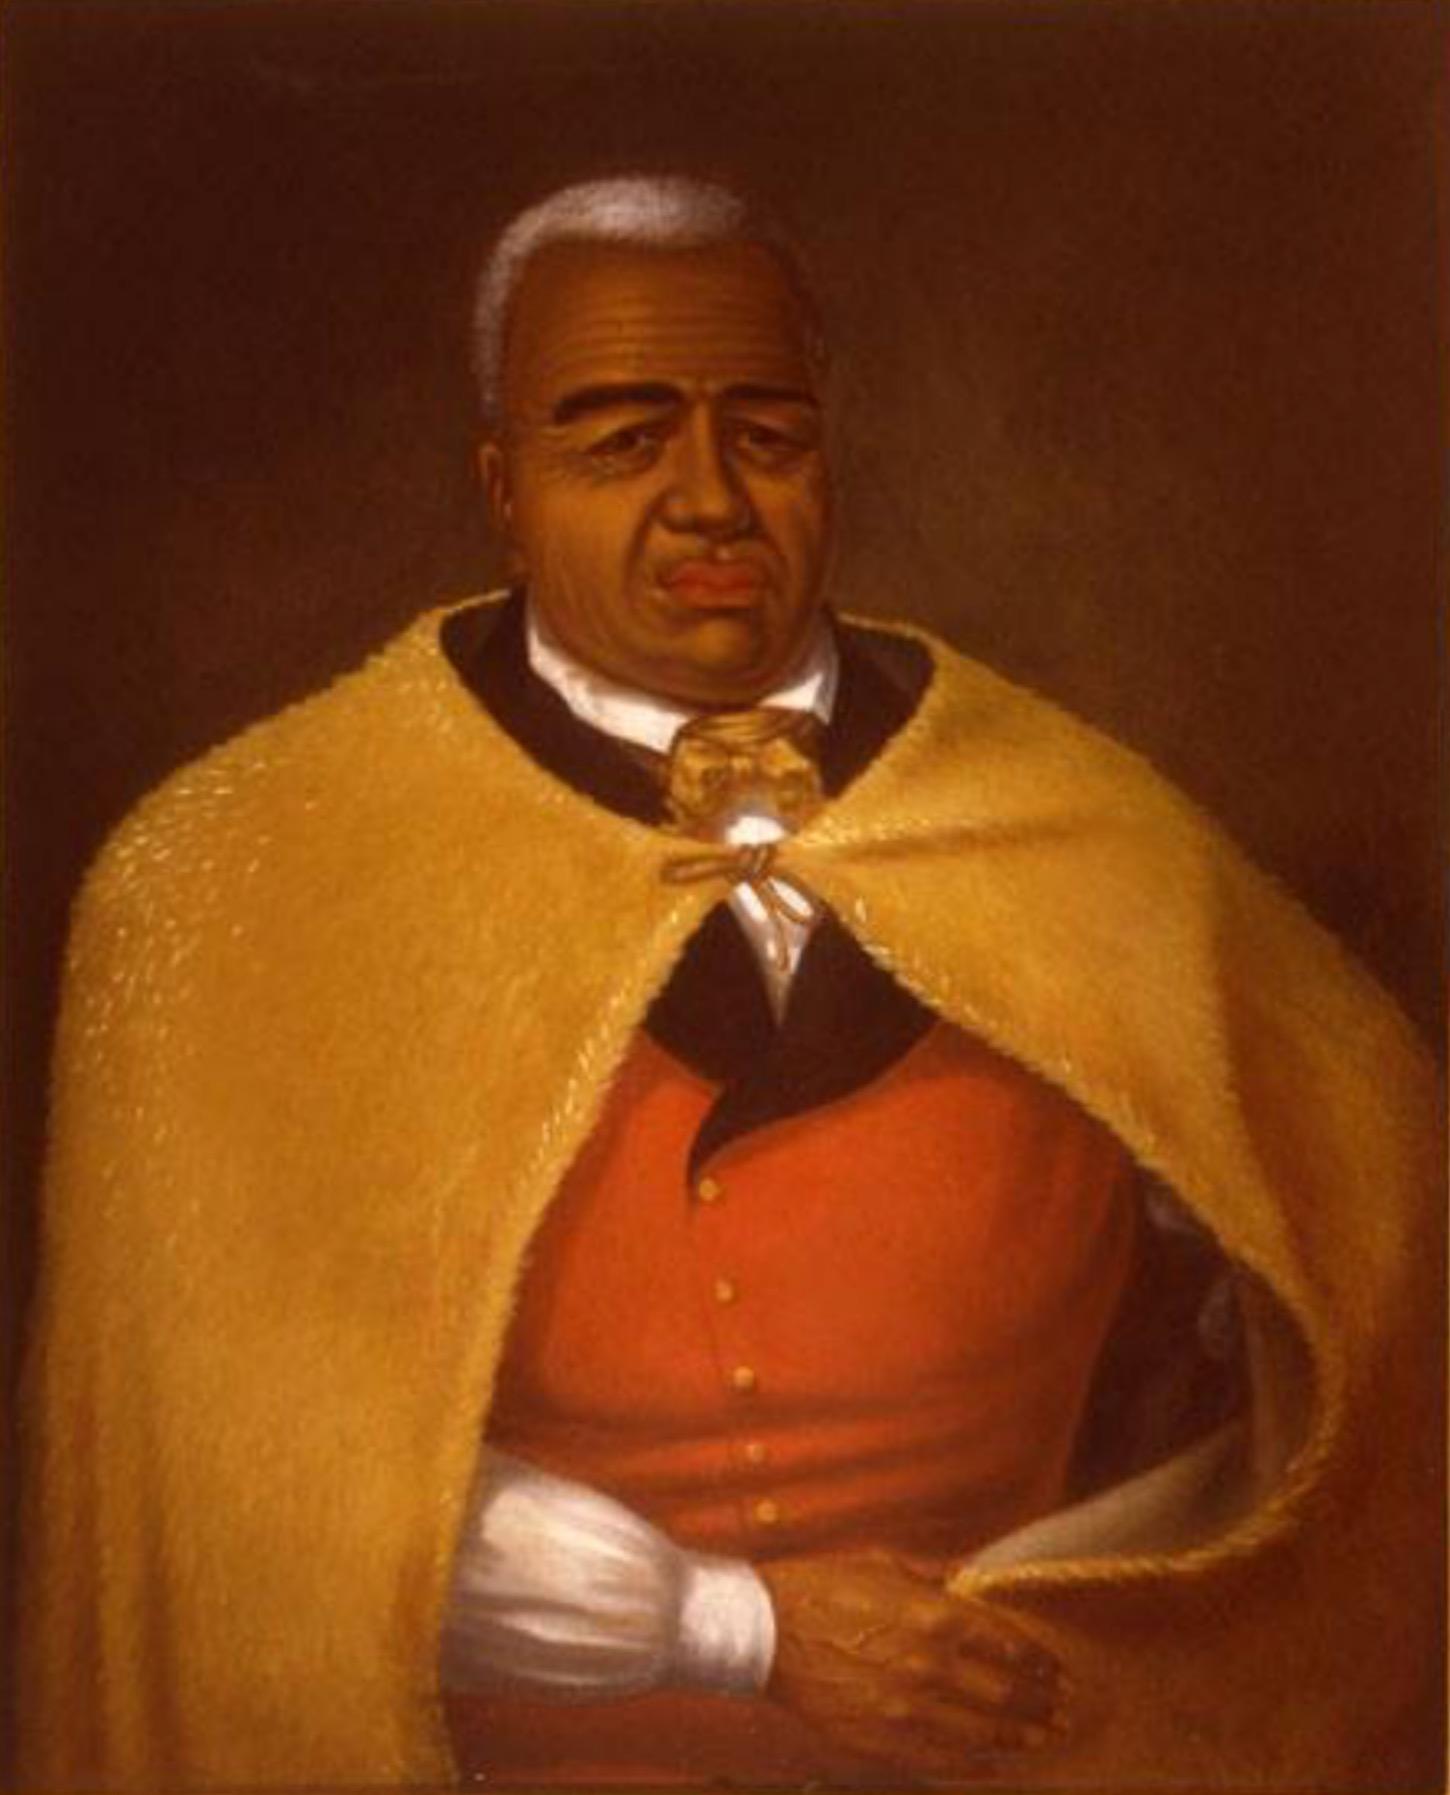 Depiction of Kamehameha I